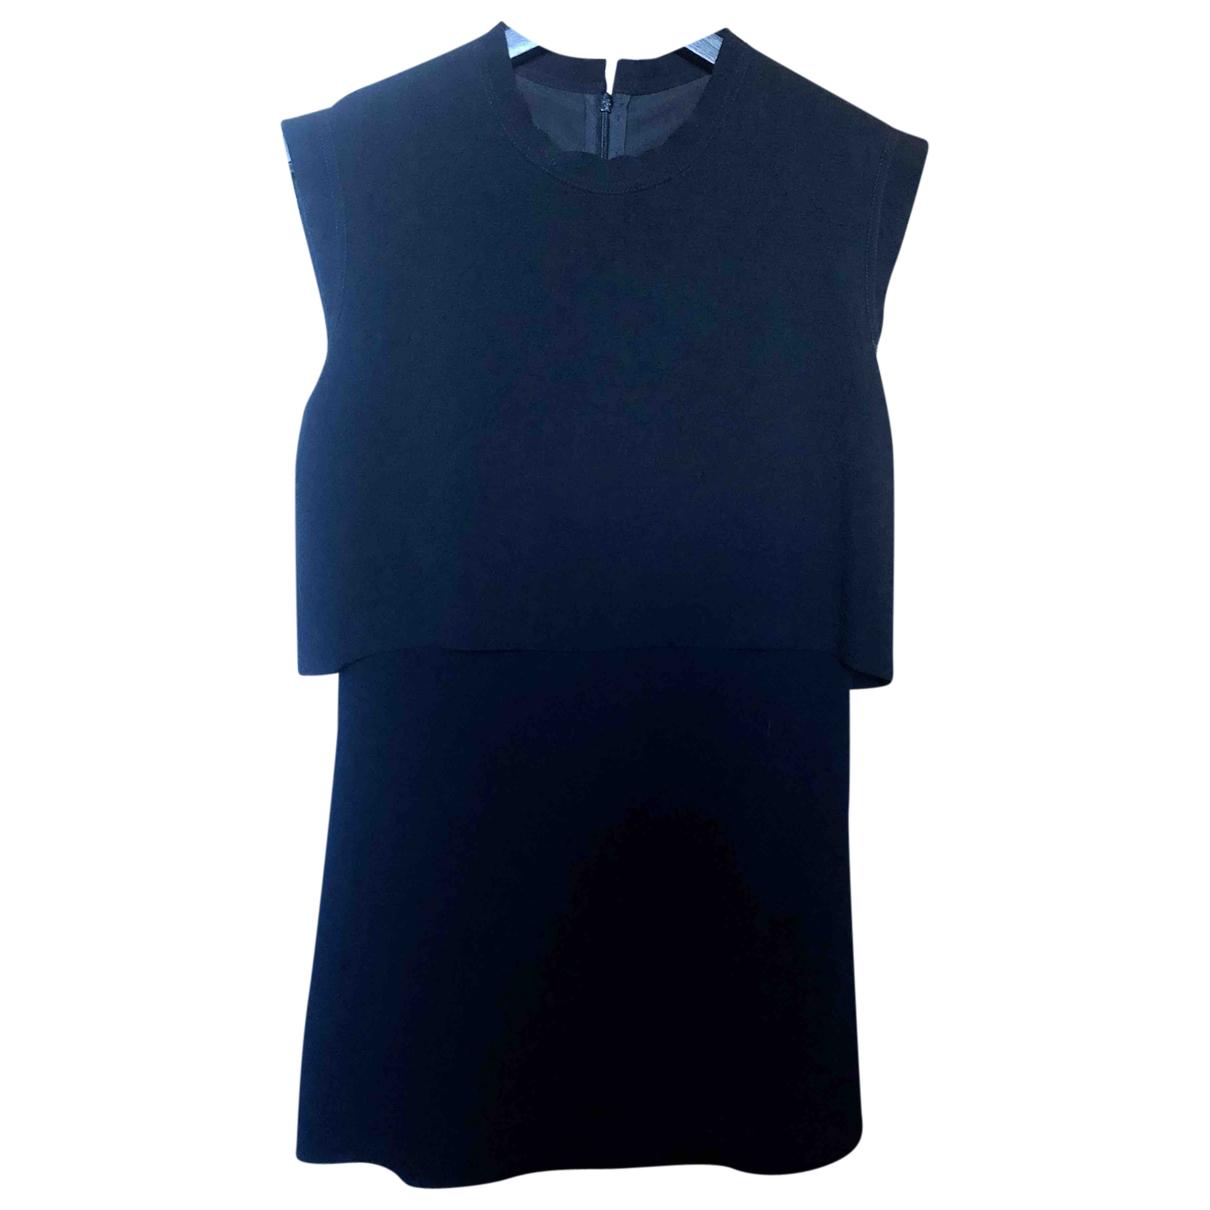 Sandro \N Black dress for Women 34 FR